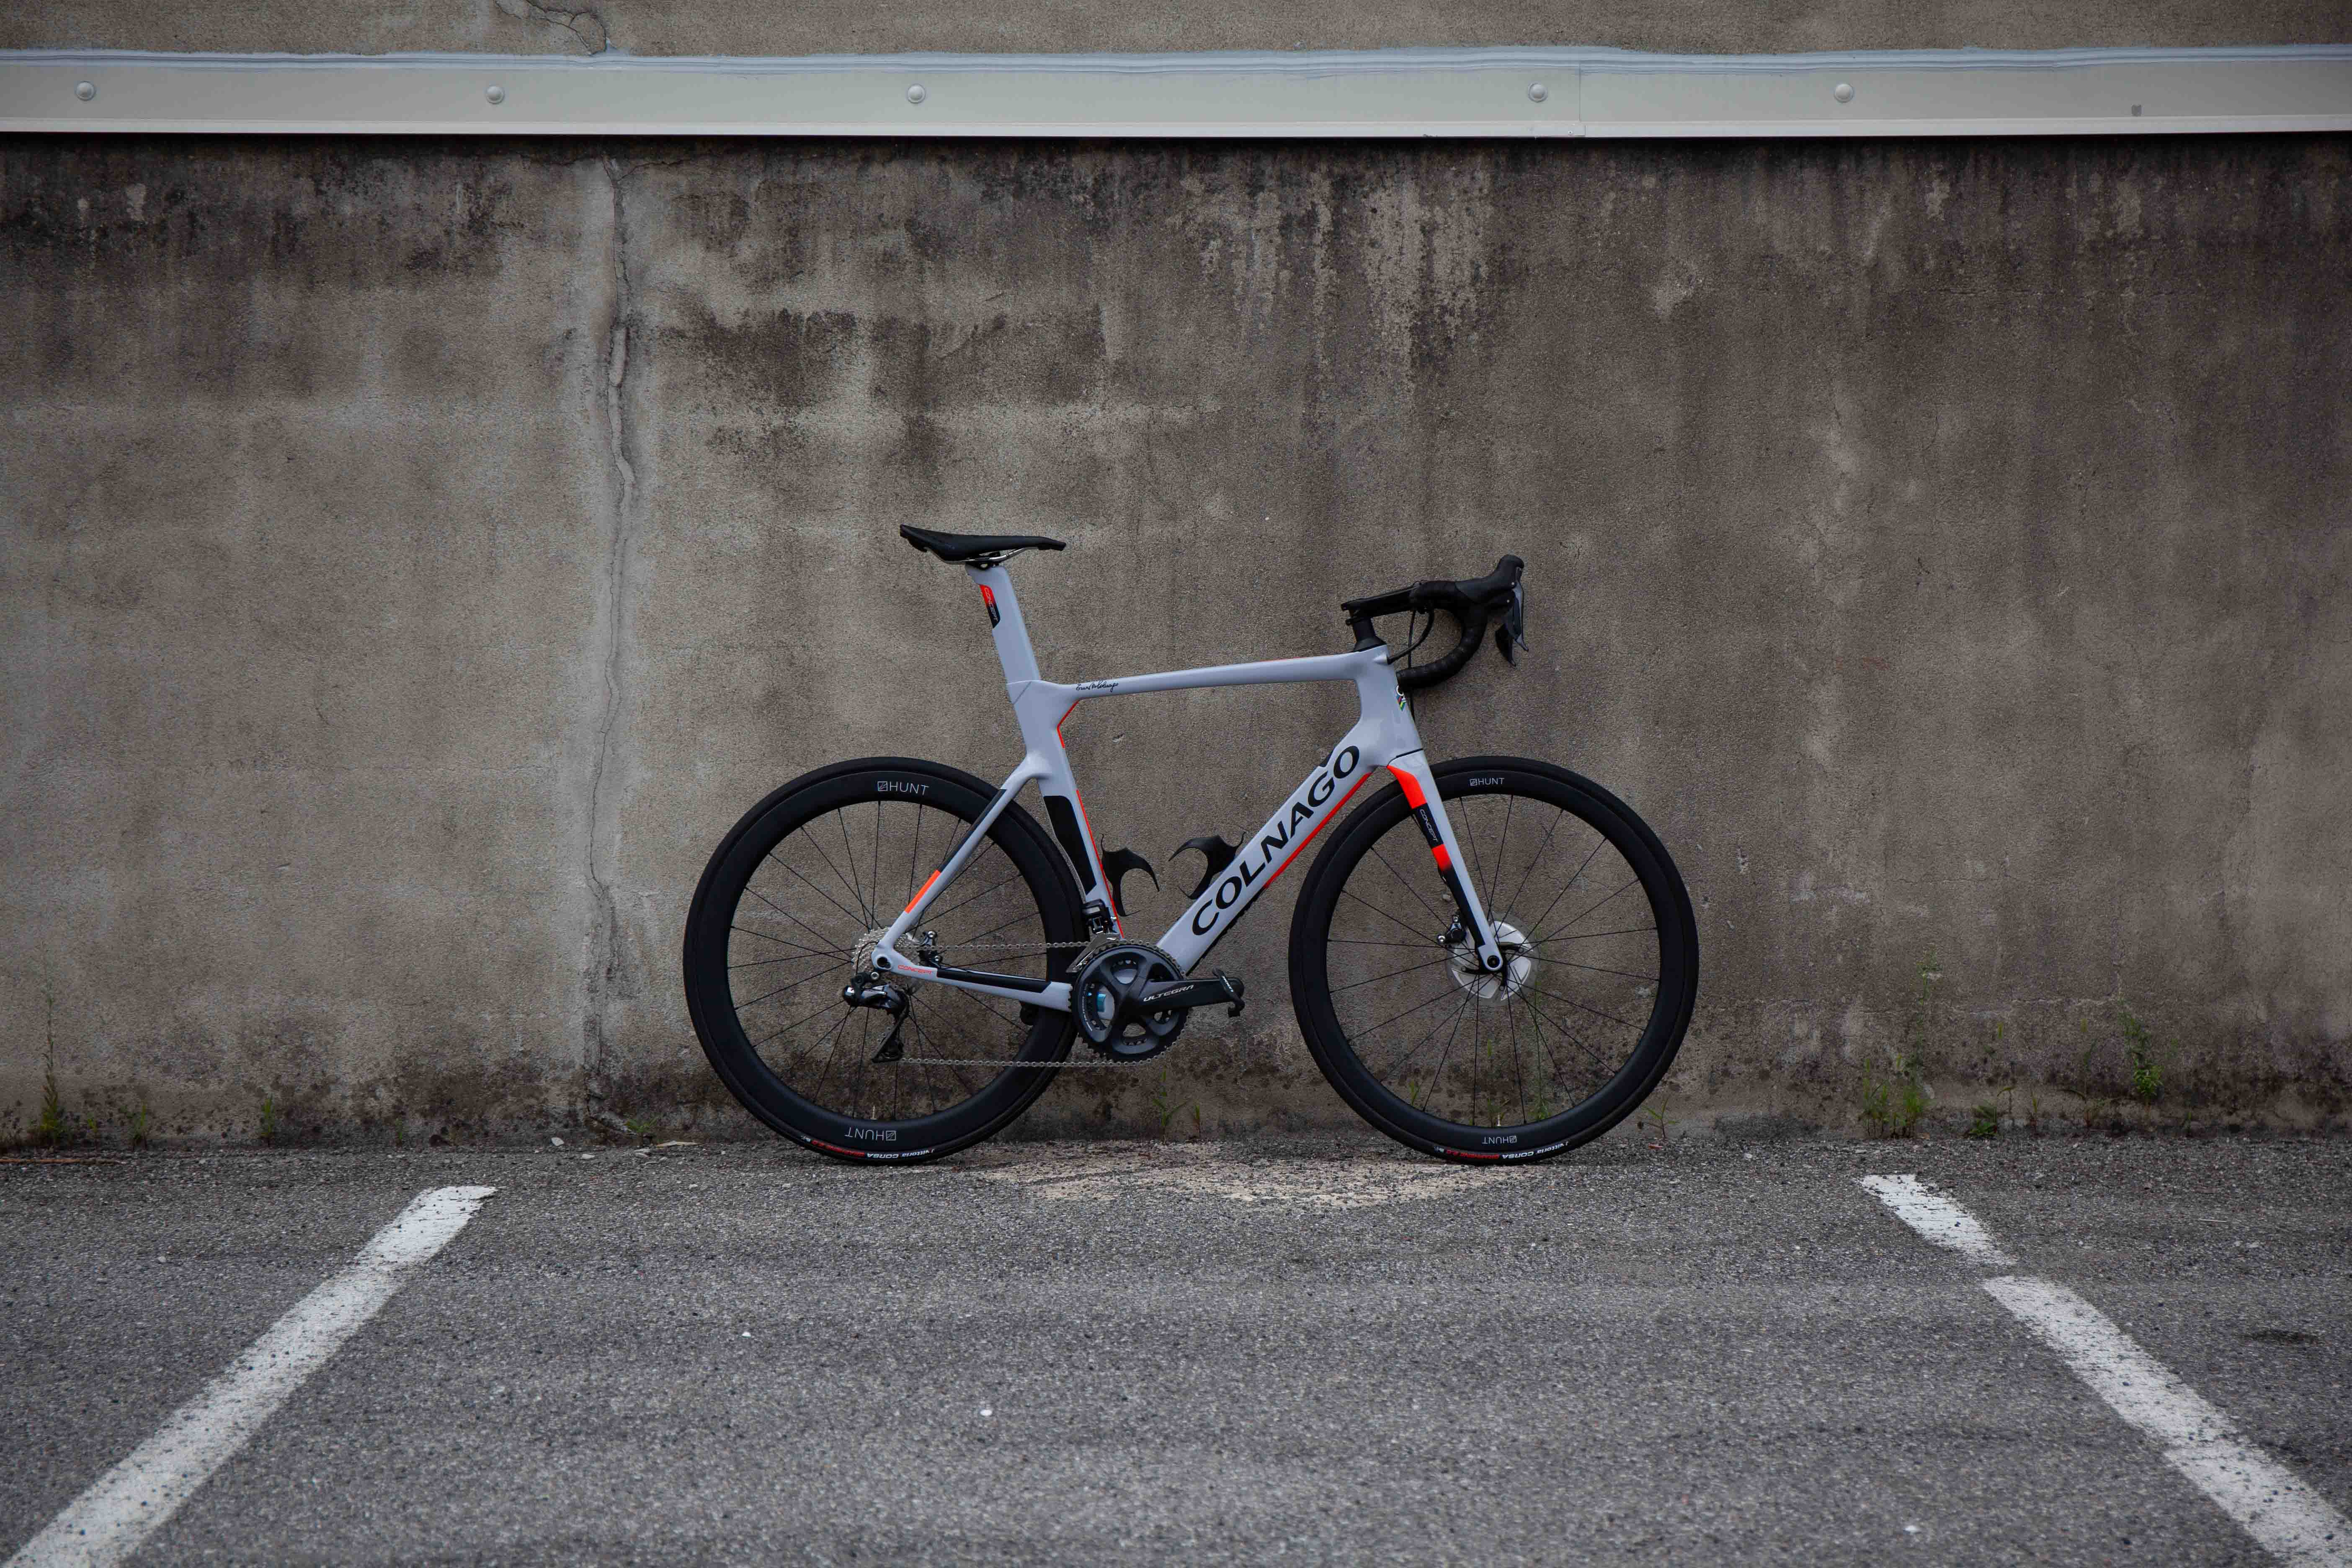 Cicli Corsa Colnago Concept Disc